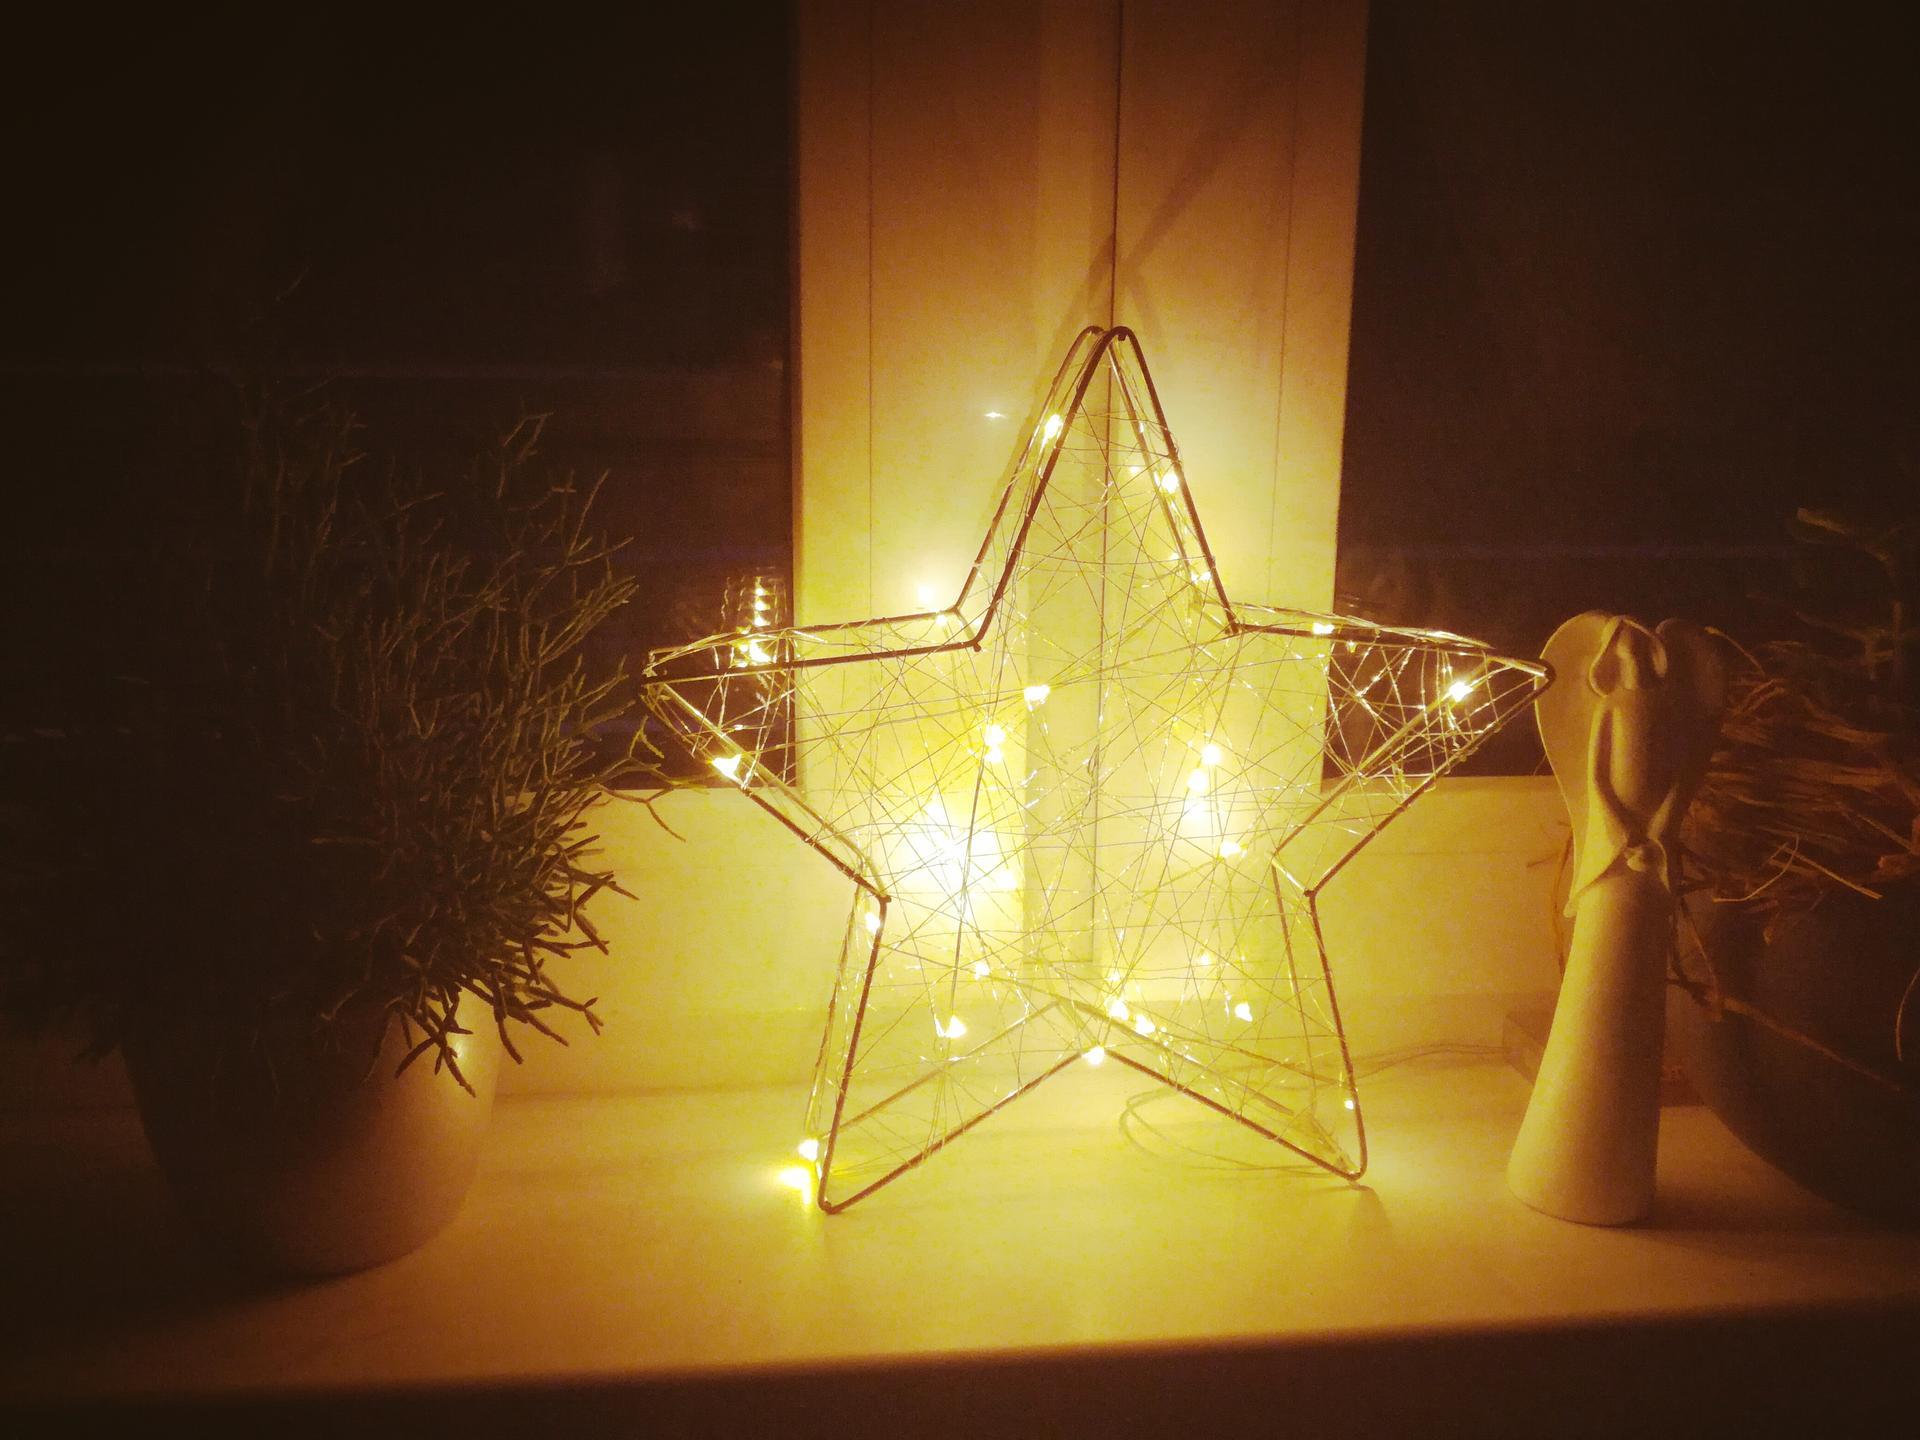 ...vánoční čas v roce 2020🌲🌲🌲❤ - Obrázek č. 10